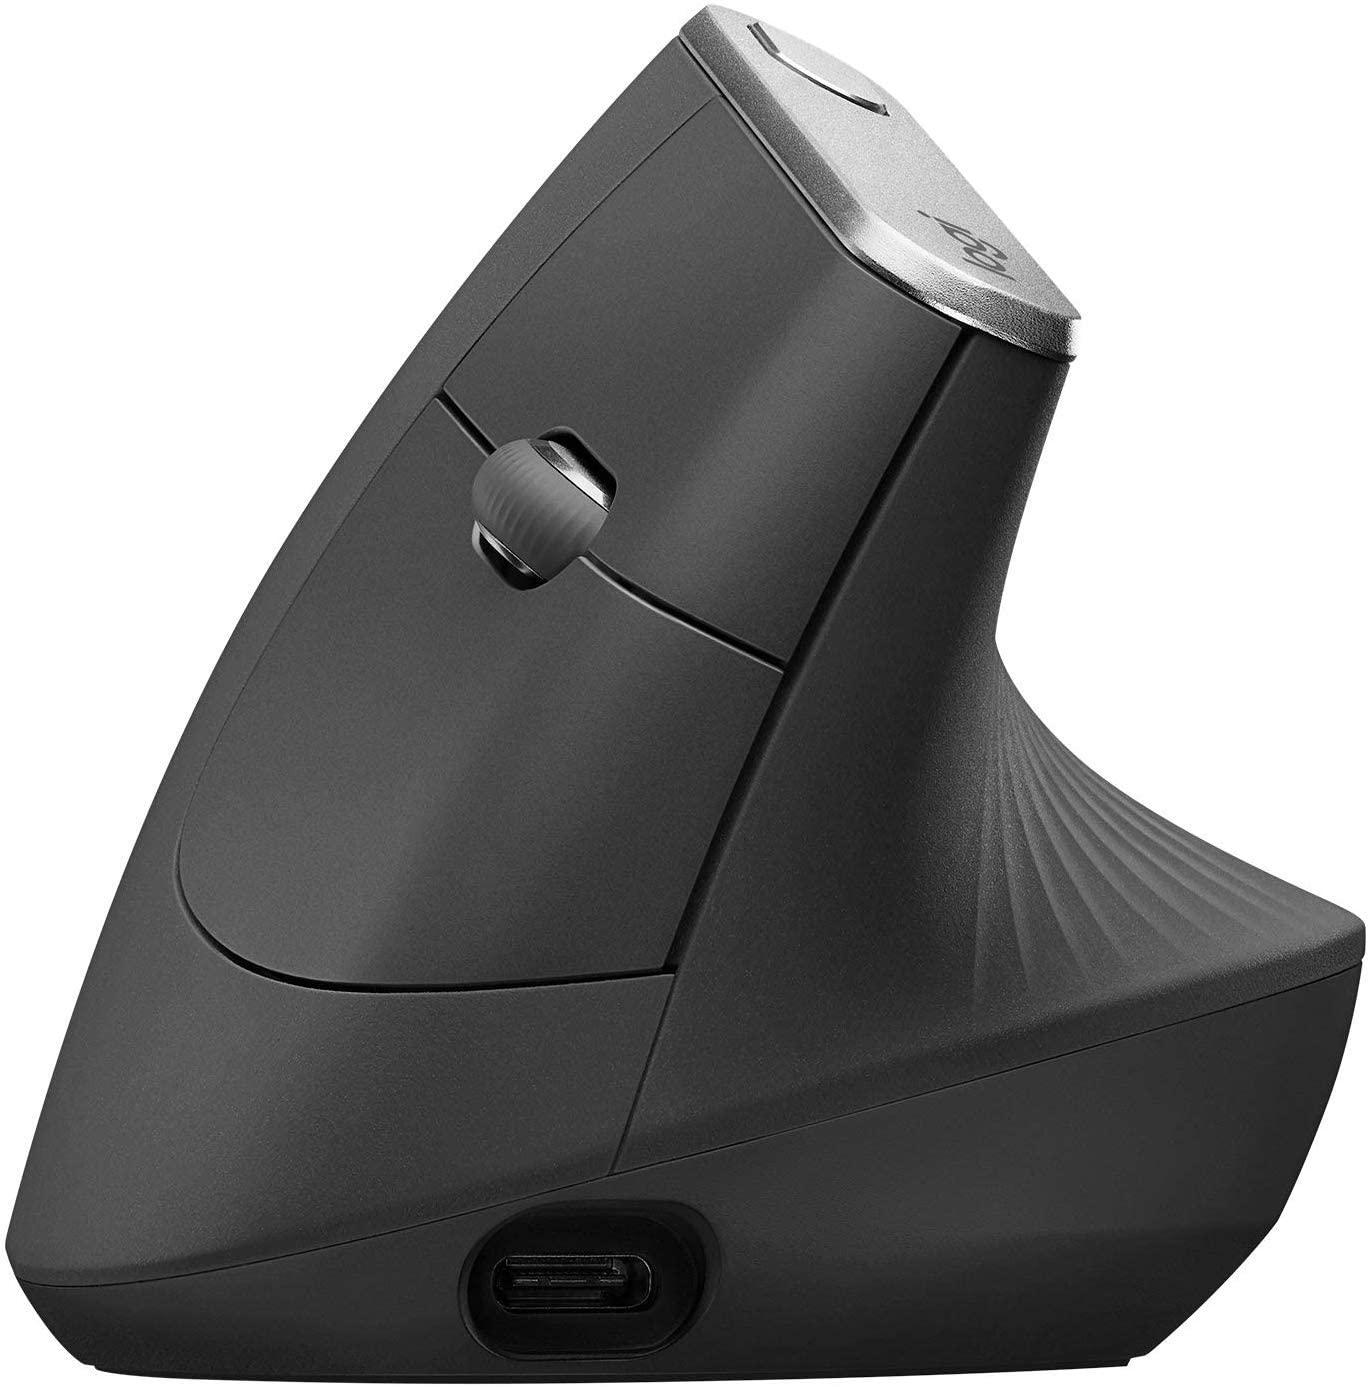 Logitech 910-005448 MX Vertical Mouse